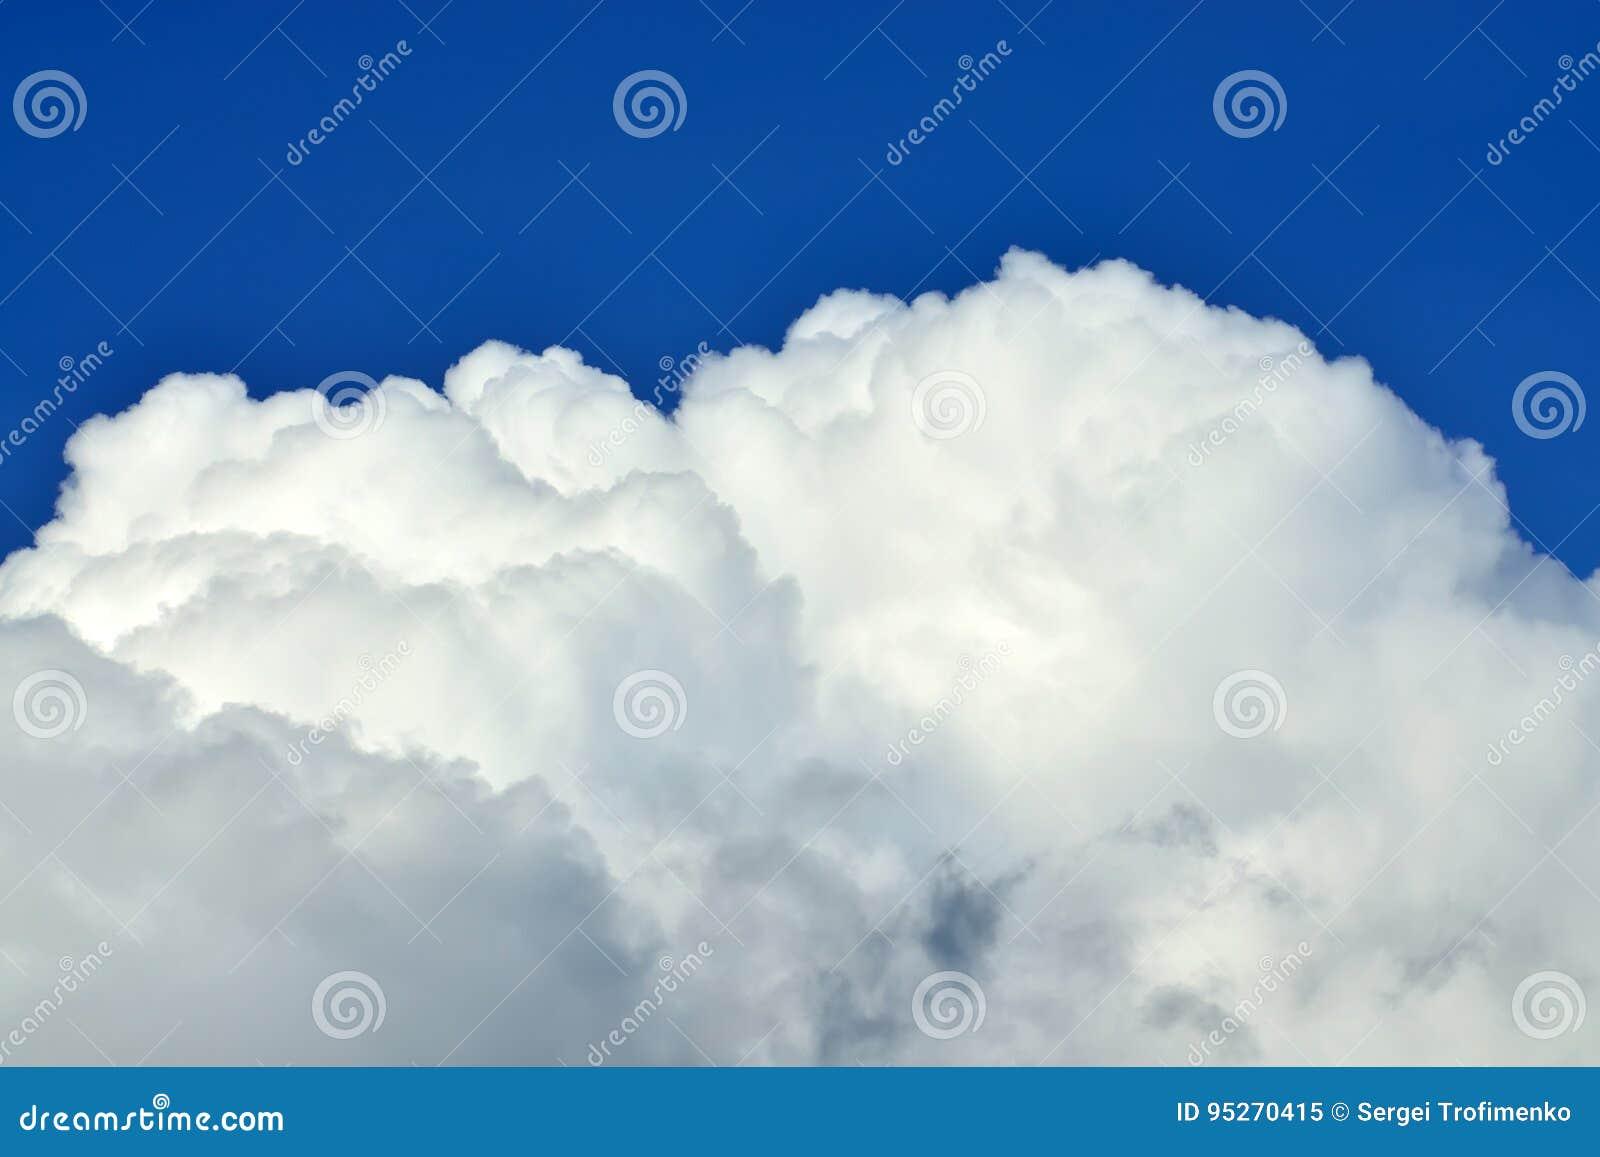 Beau plan rapproché de cumulus